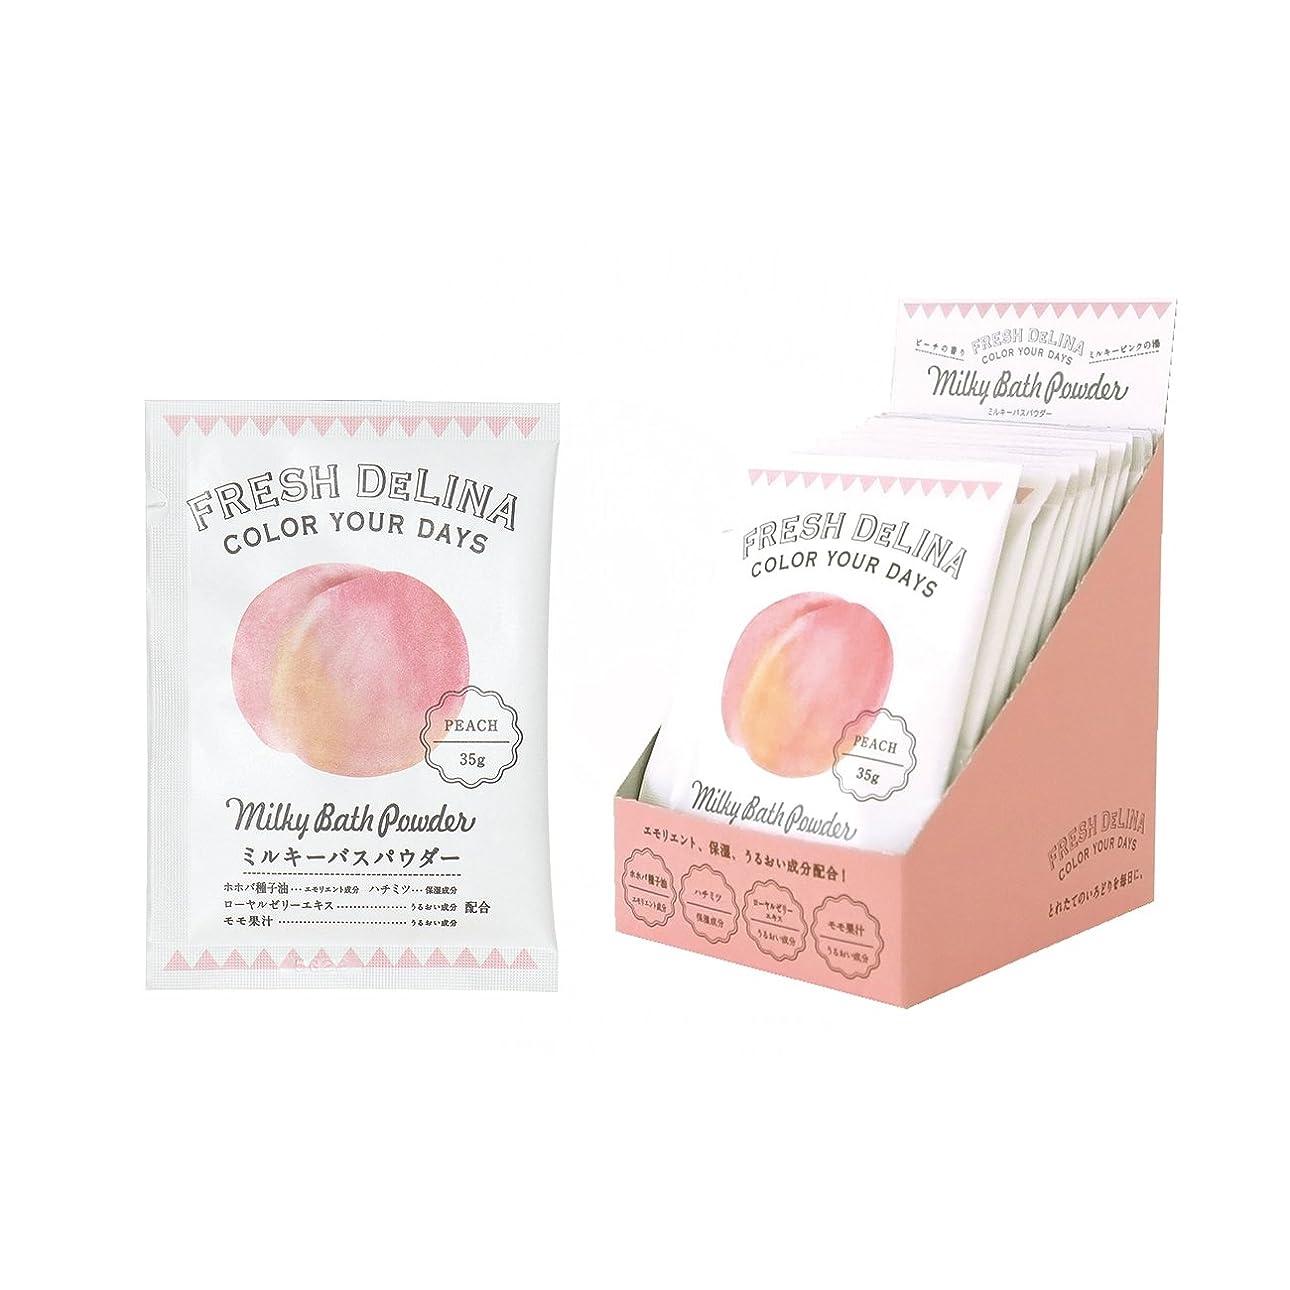 作物ディスカウント妻フレッシュデリーナ ミルキーバスパウダー 35g (ピーチ) 12個 (白濁タイプ入浴料 日本製 みずみずしい桃の香り)